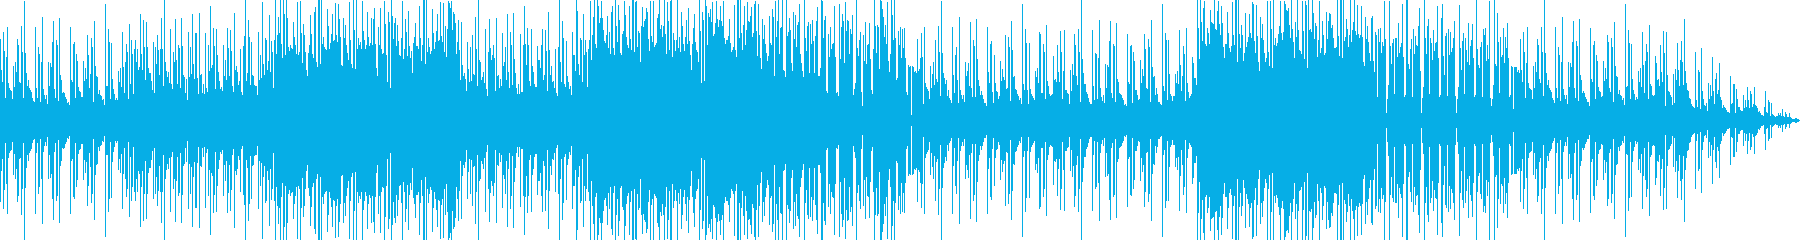 ポップな背景の再生済みの波形